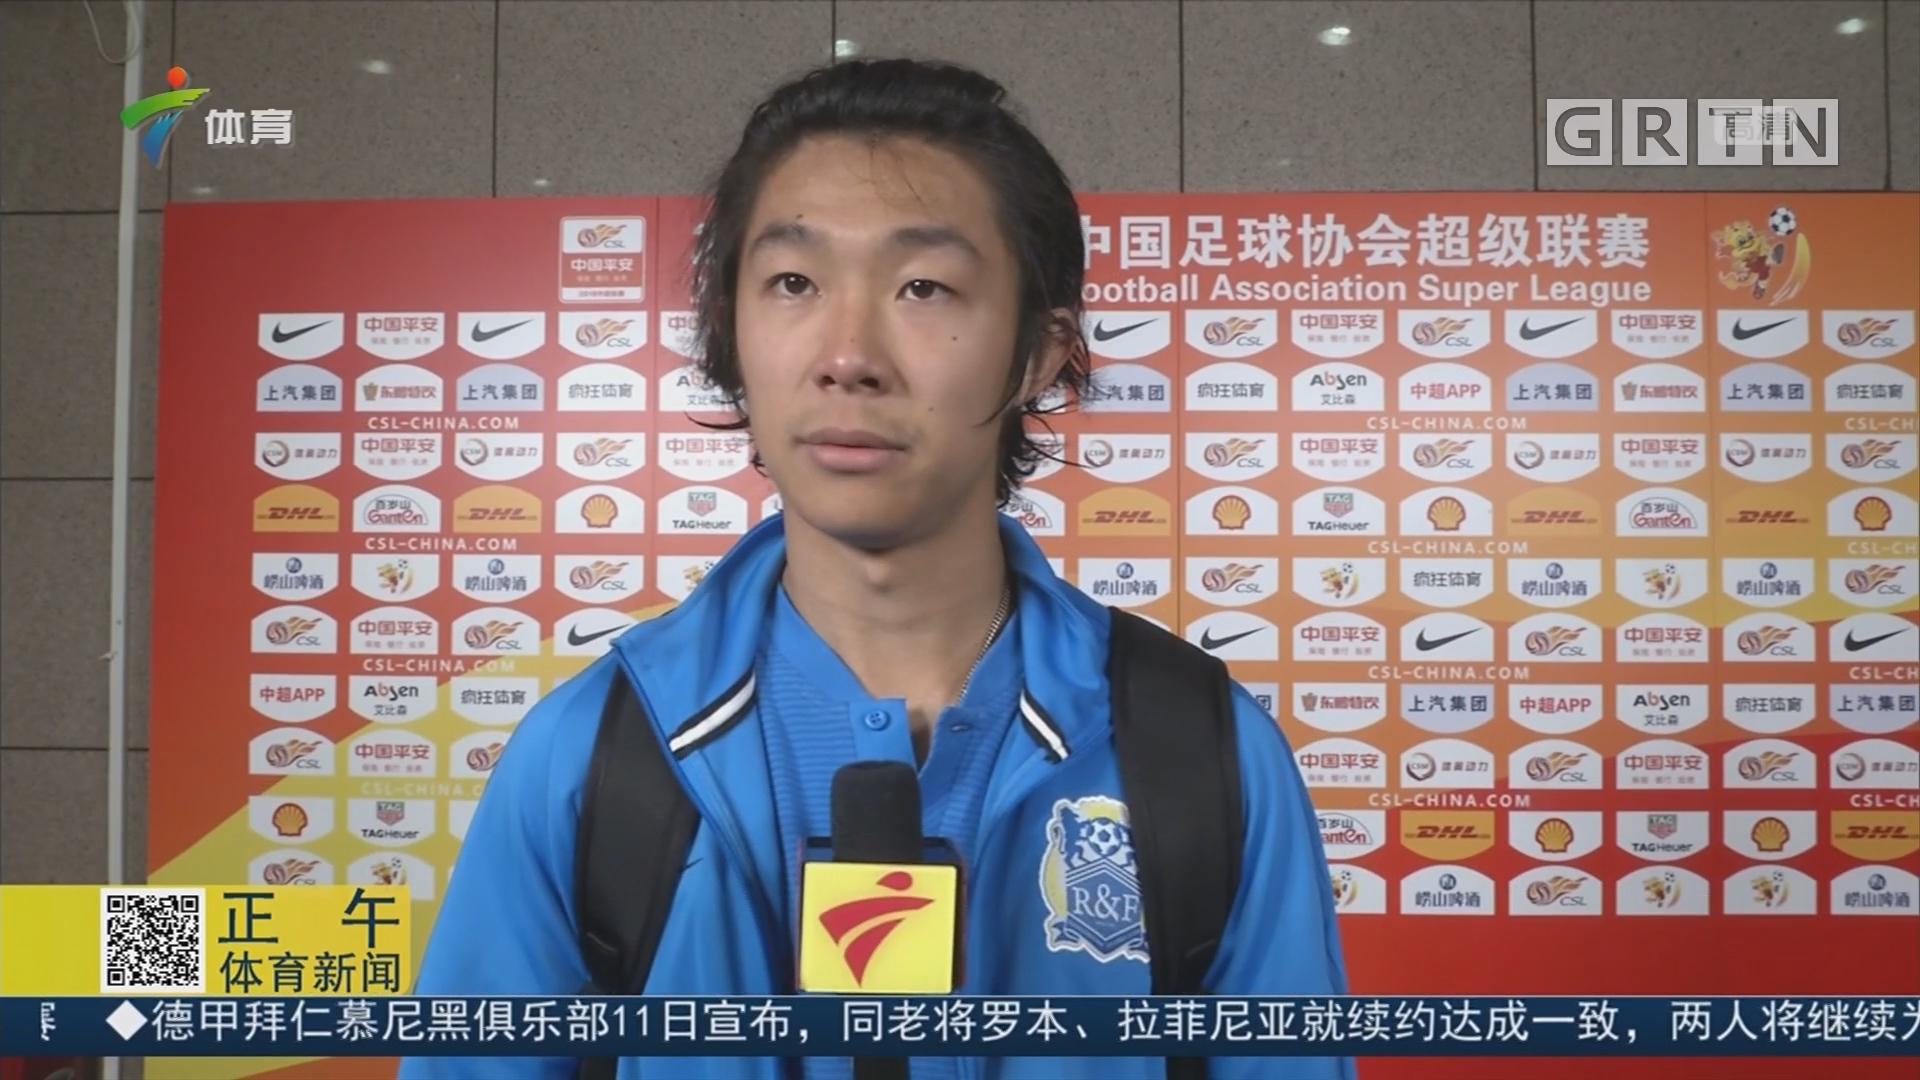 李提香:感谢球迷 两队发挥得都很好